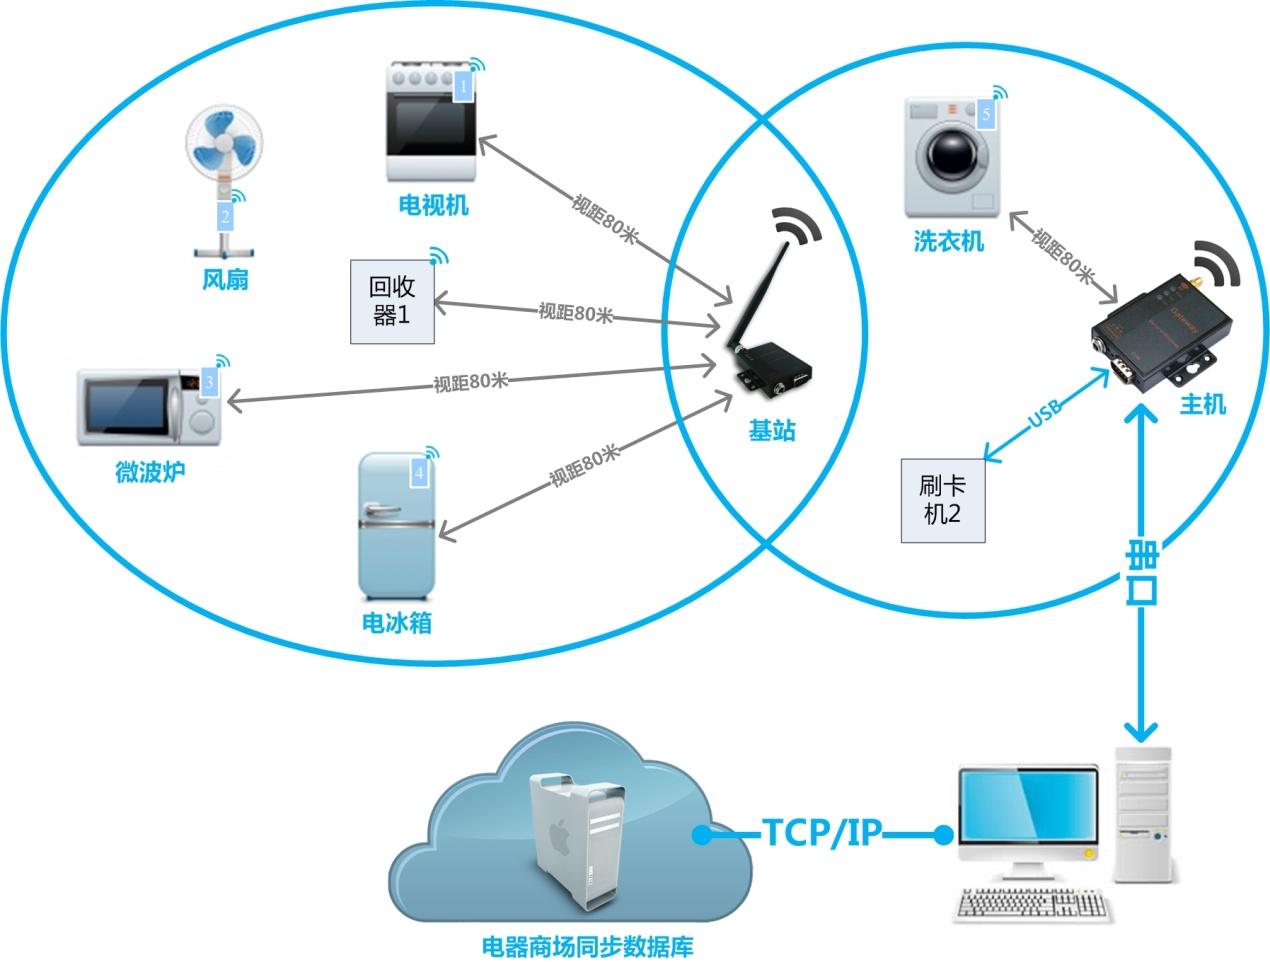 电器商场智能同步管理系统